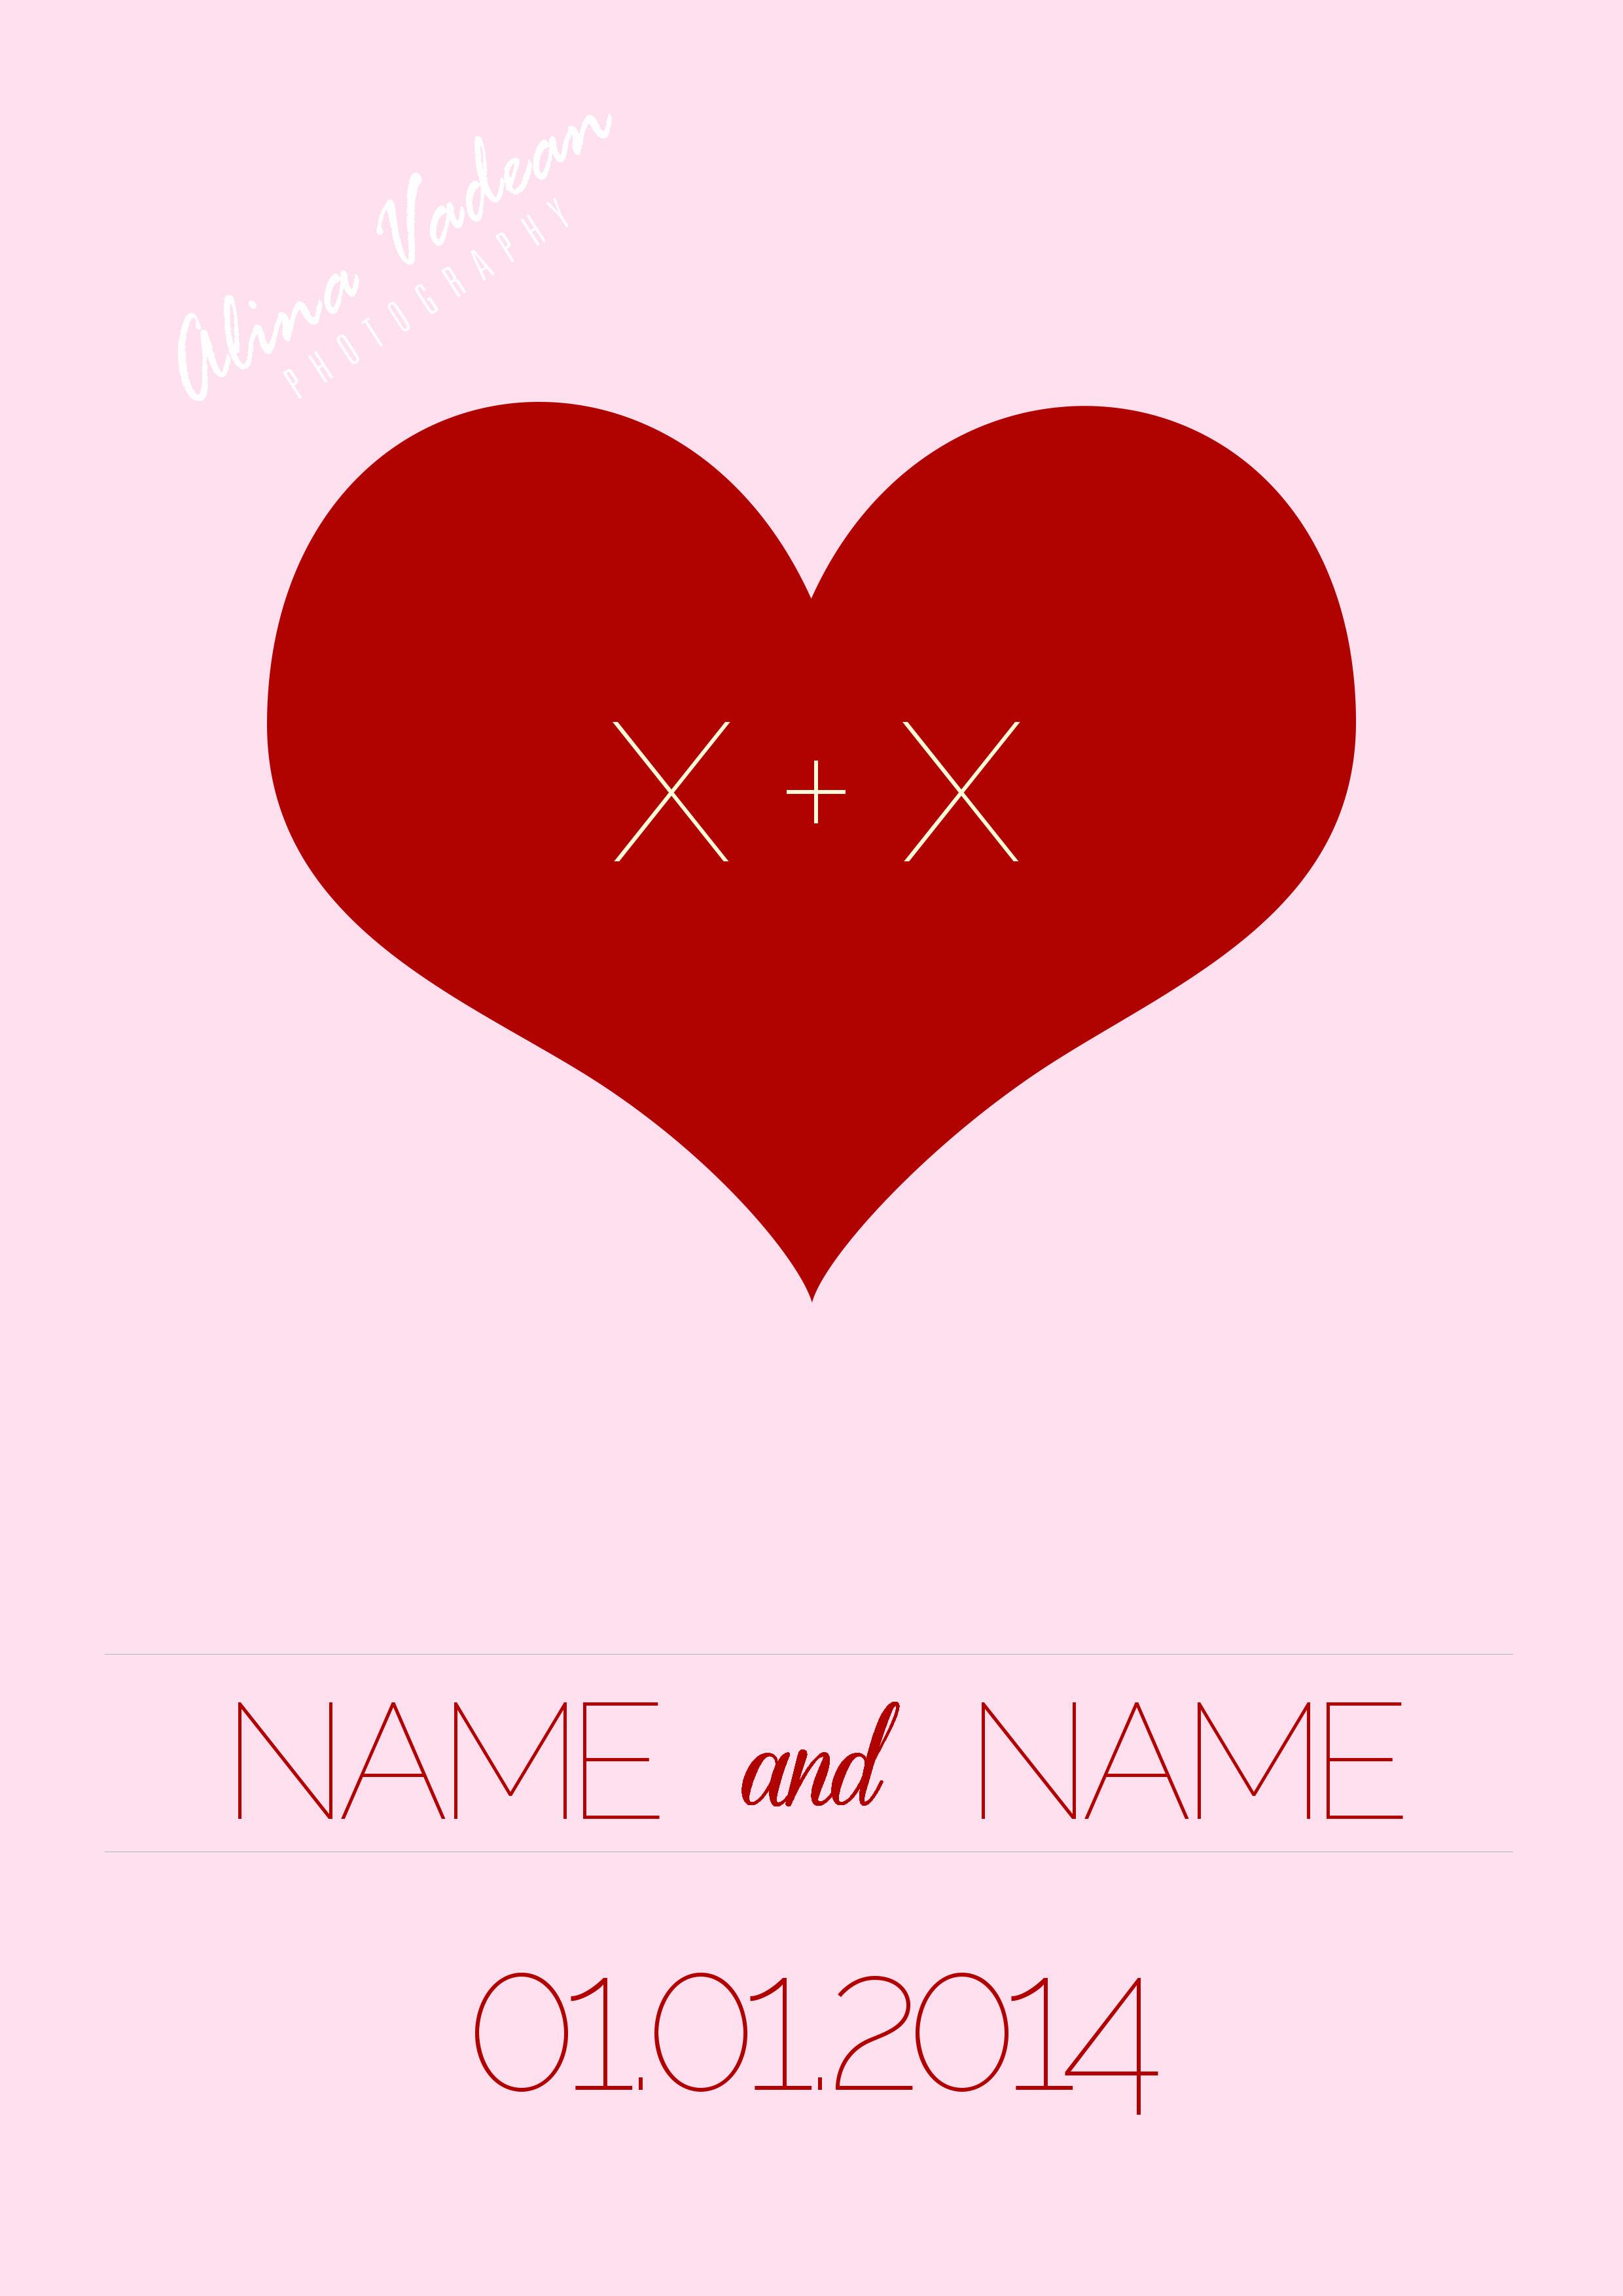 Minimalist Wedding Invitation | C R E A T I V E D E S I G N ...